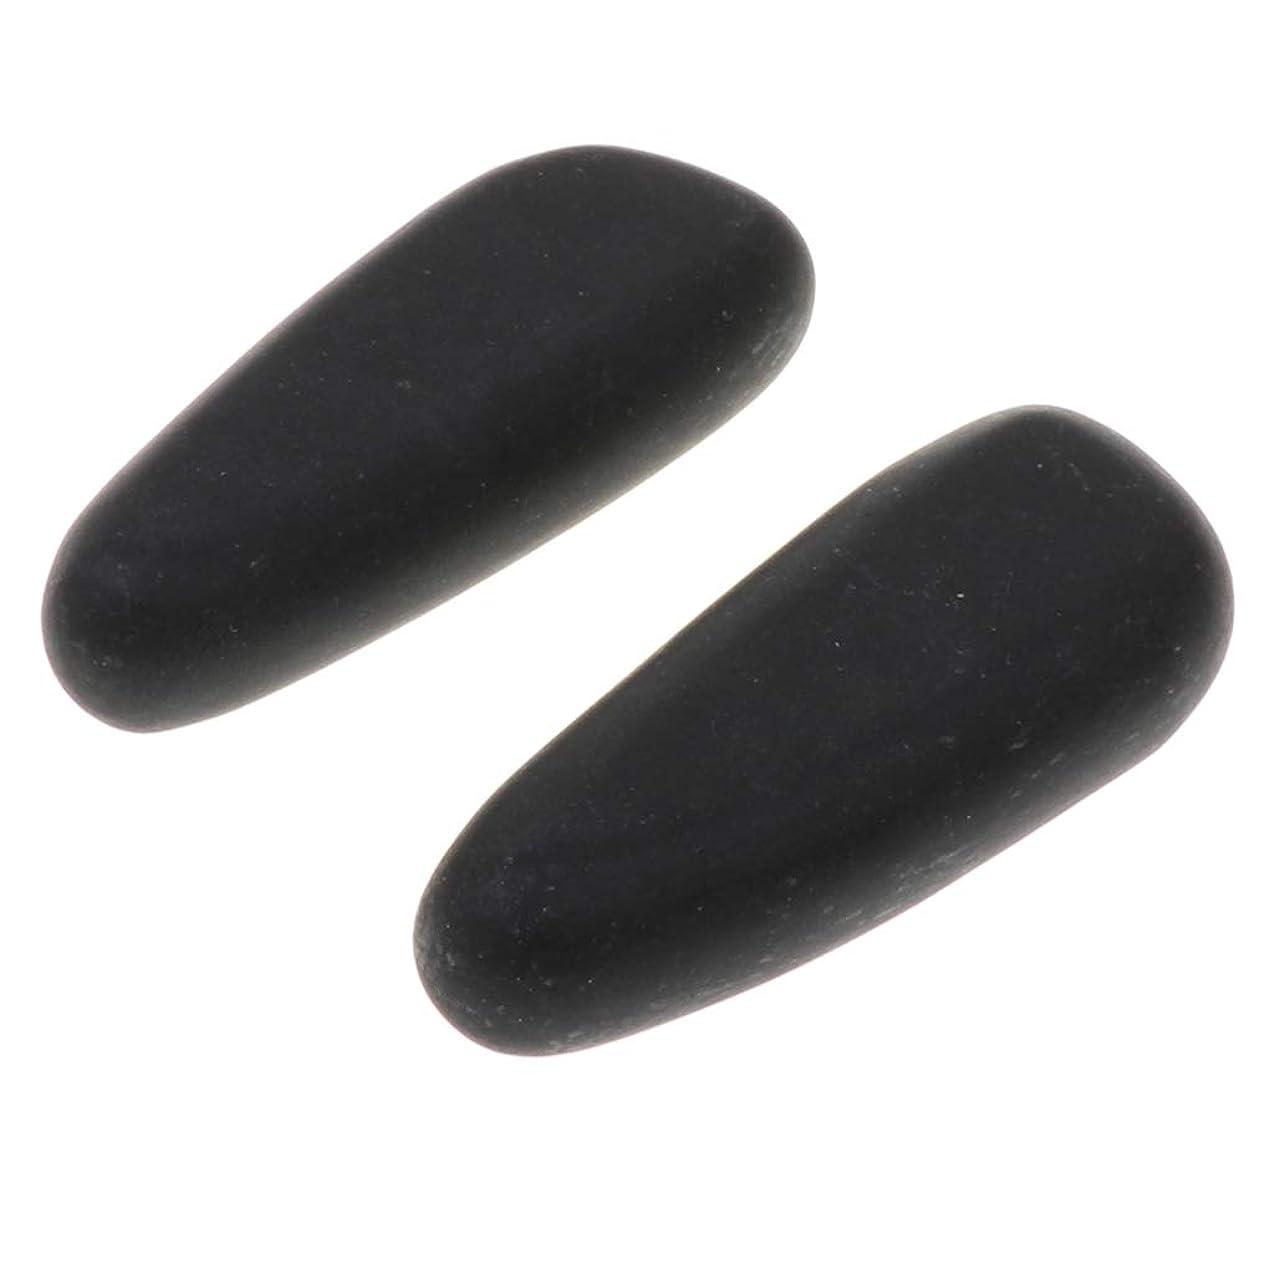 突破口用語集投げ捨てるCUTICATE 天然石ホットストーン マッサージ用玄武岩 マッサージストーン ボディマッサージ 実用 2個 全2サイズ - 8×3.2×2cm